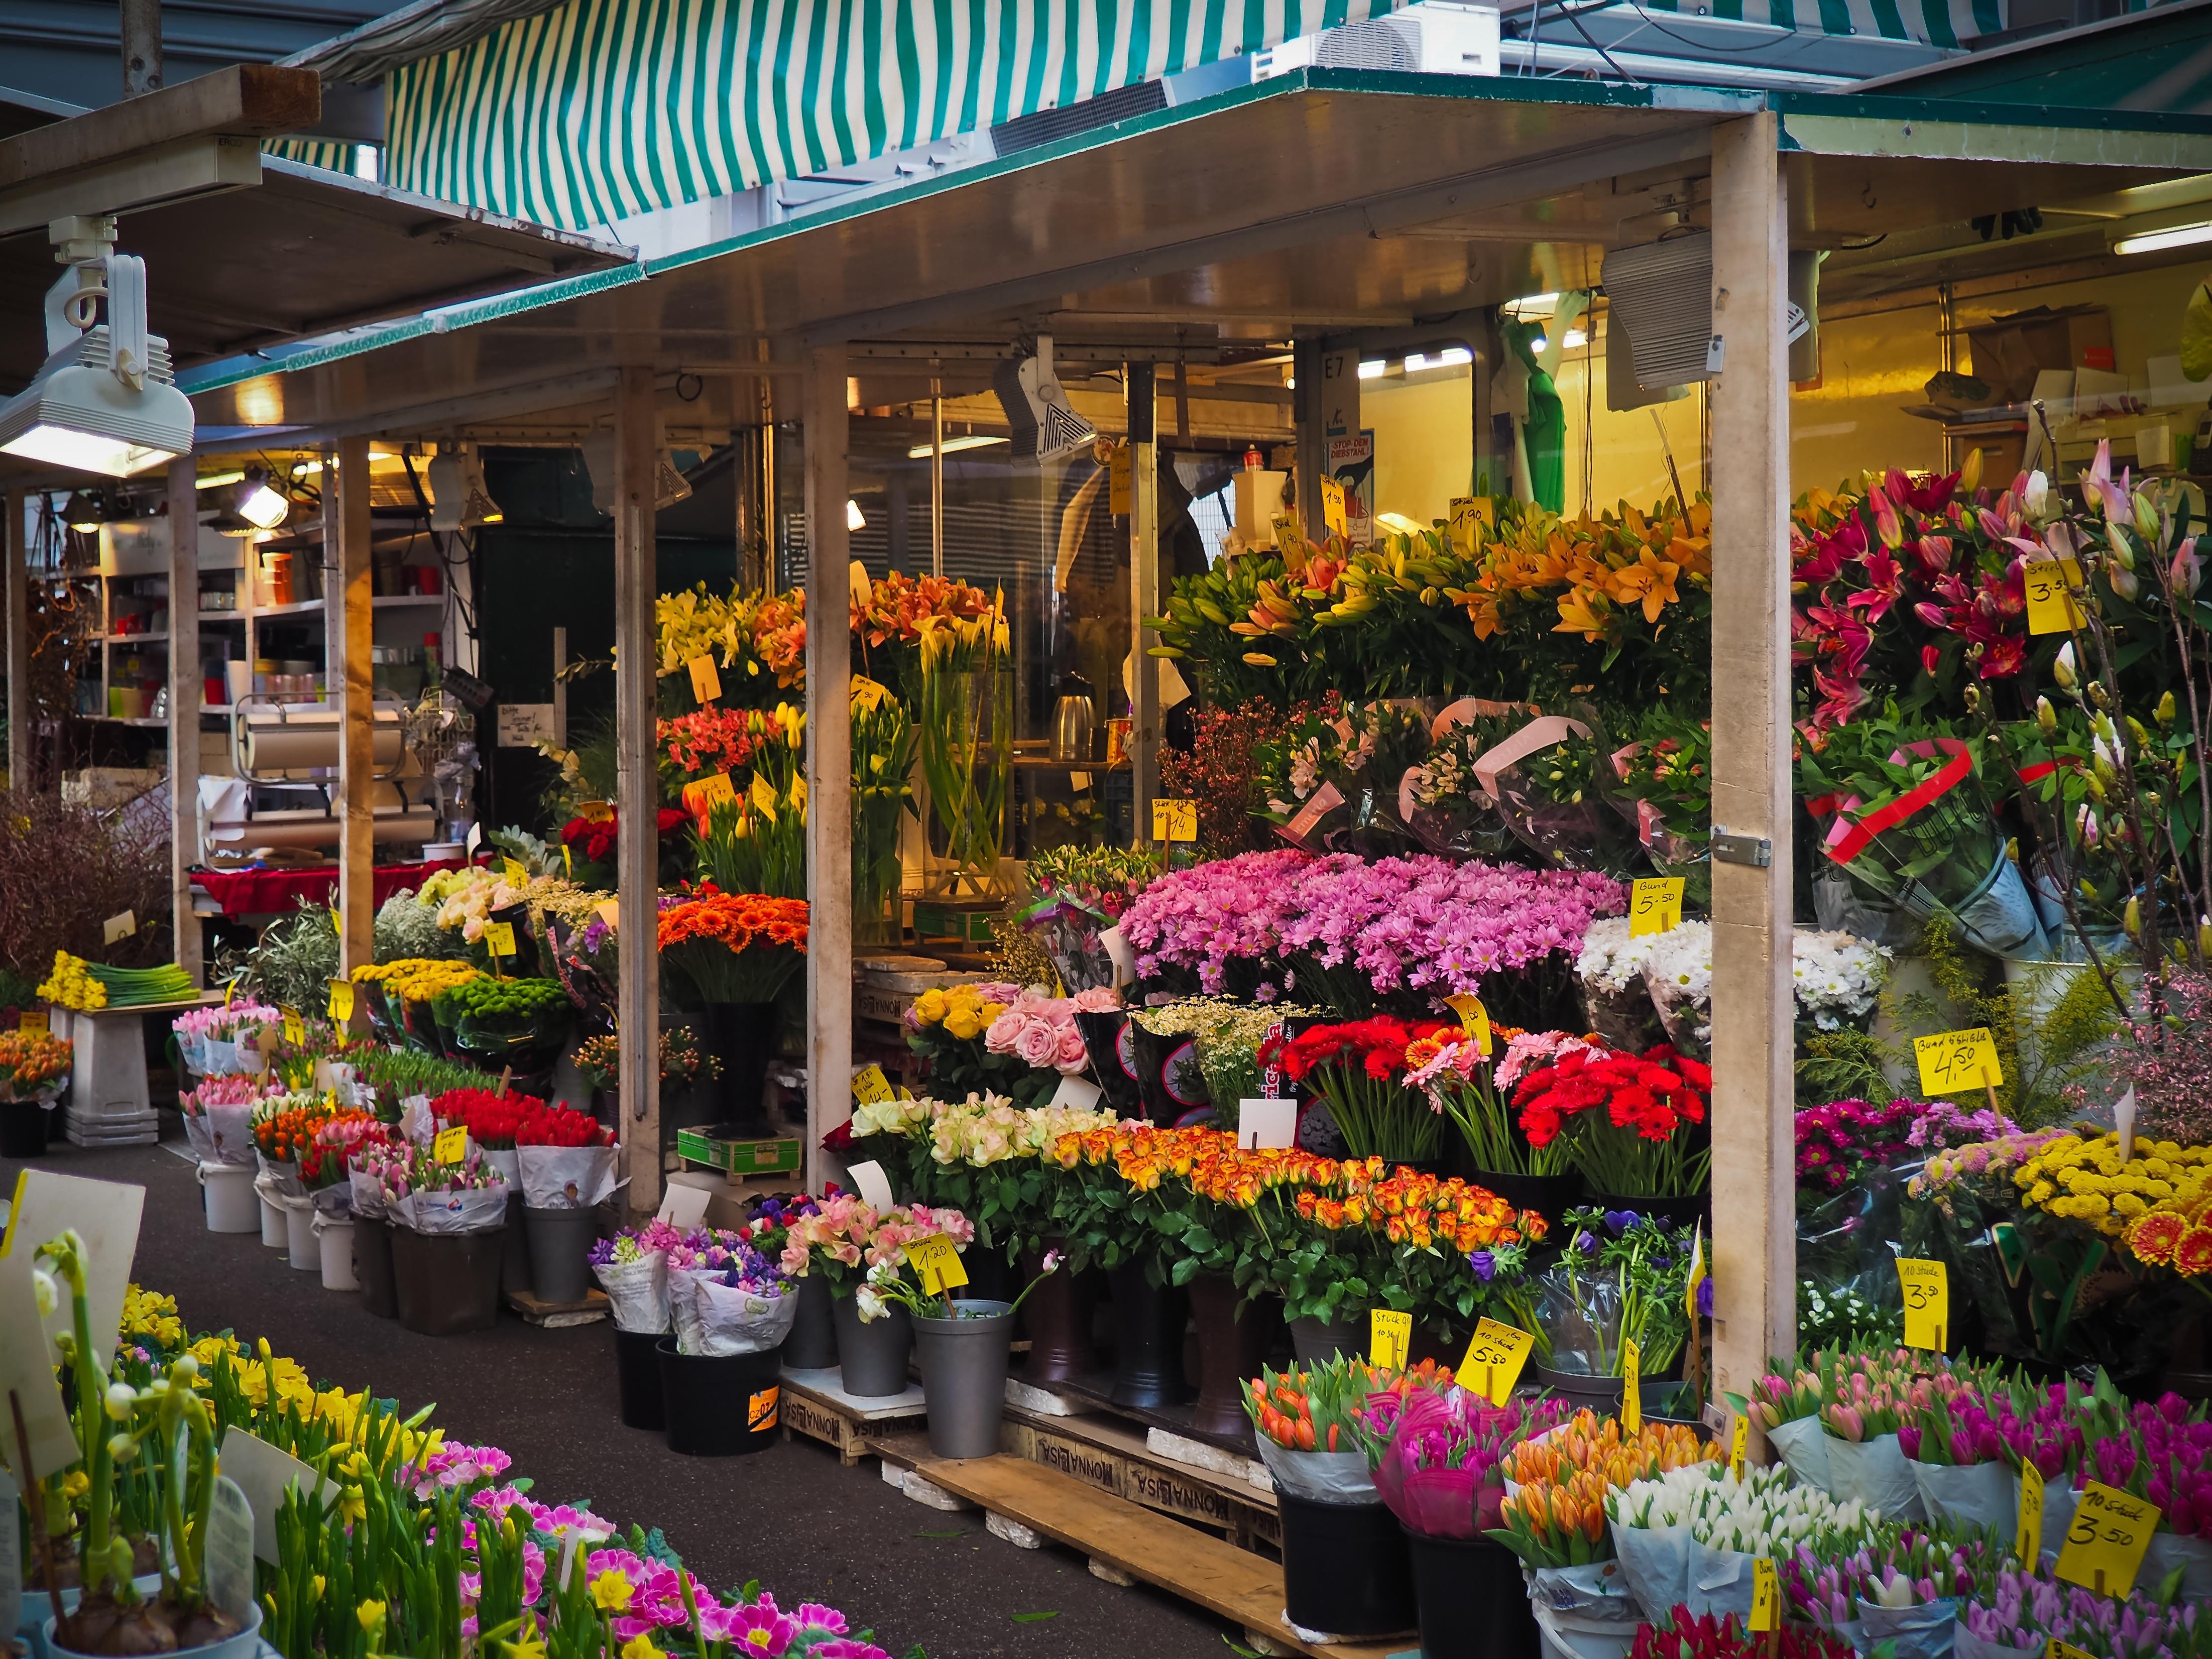 Assez Images Gratuites : plante, fleur, ville, vendeur, Marché, Coloré  AT16